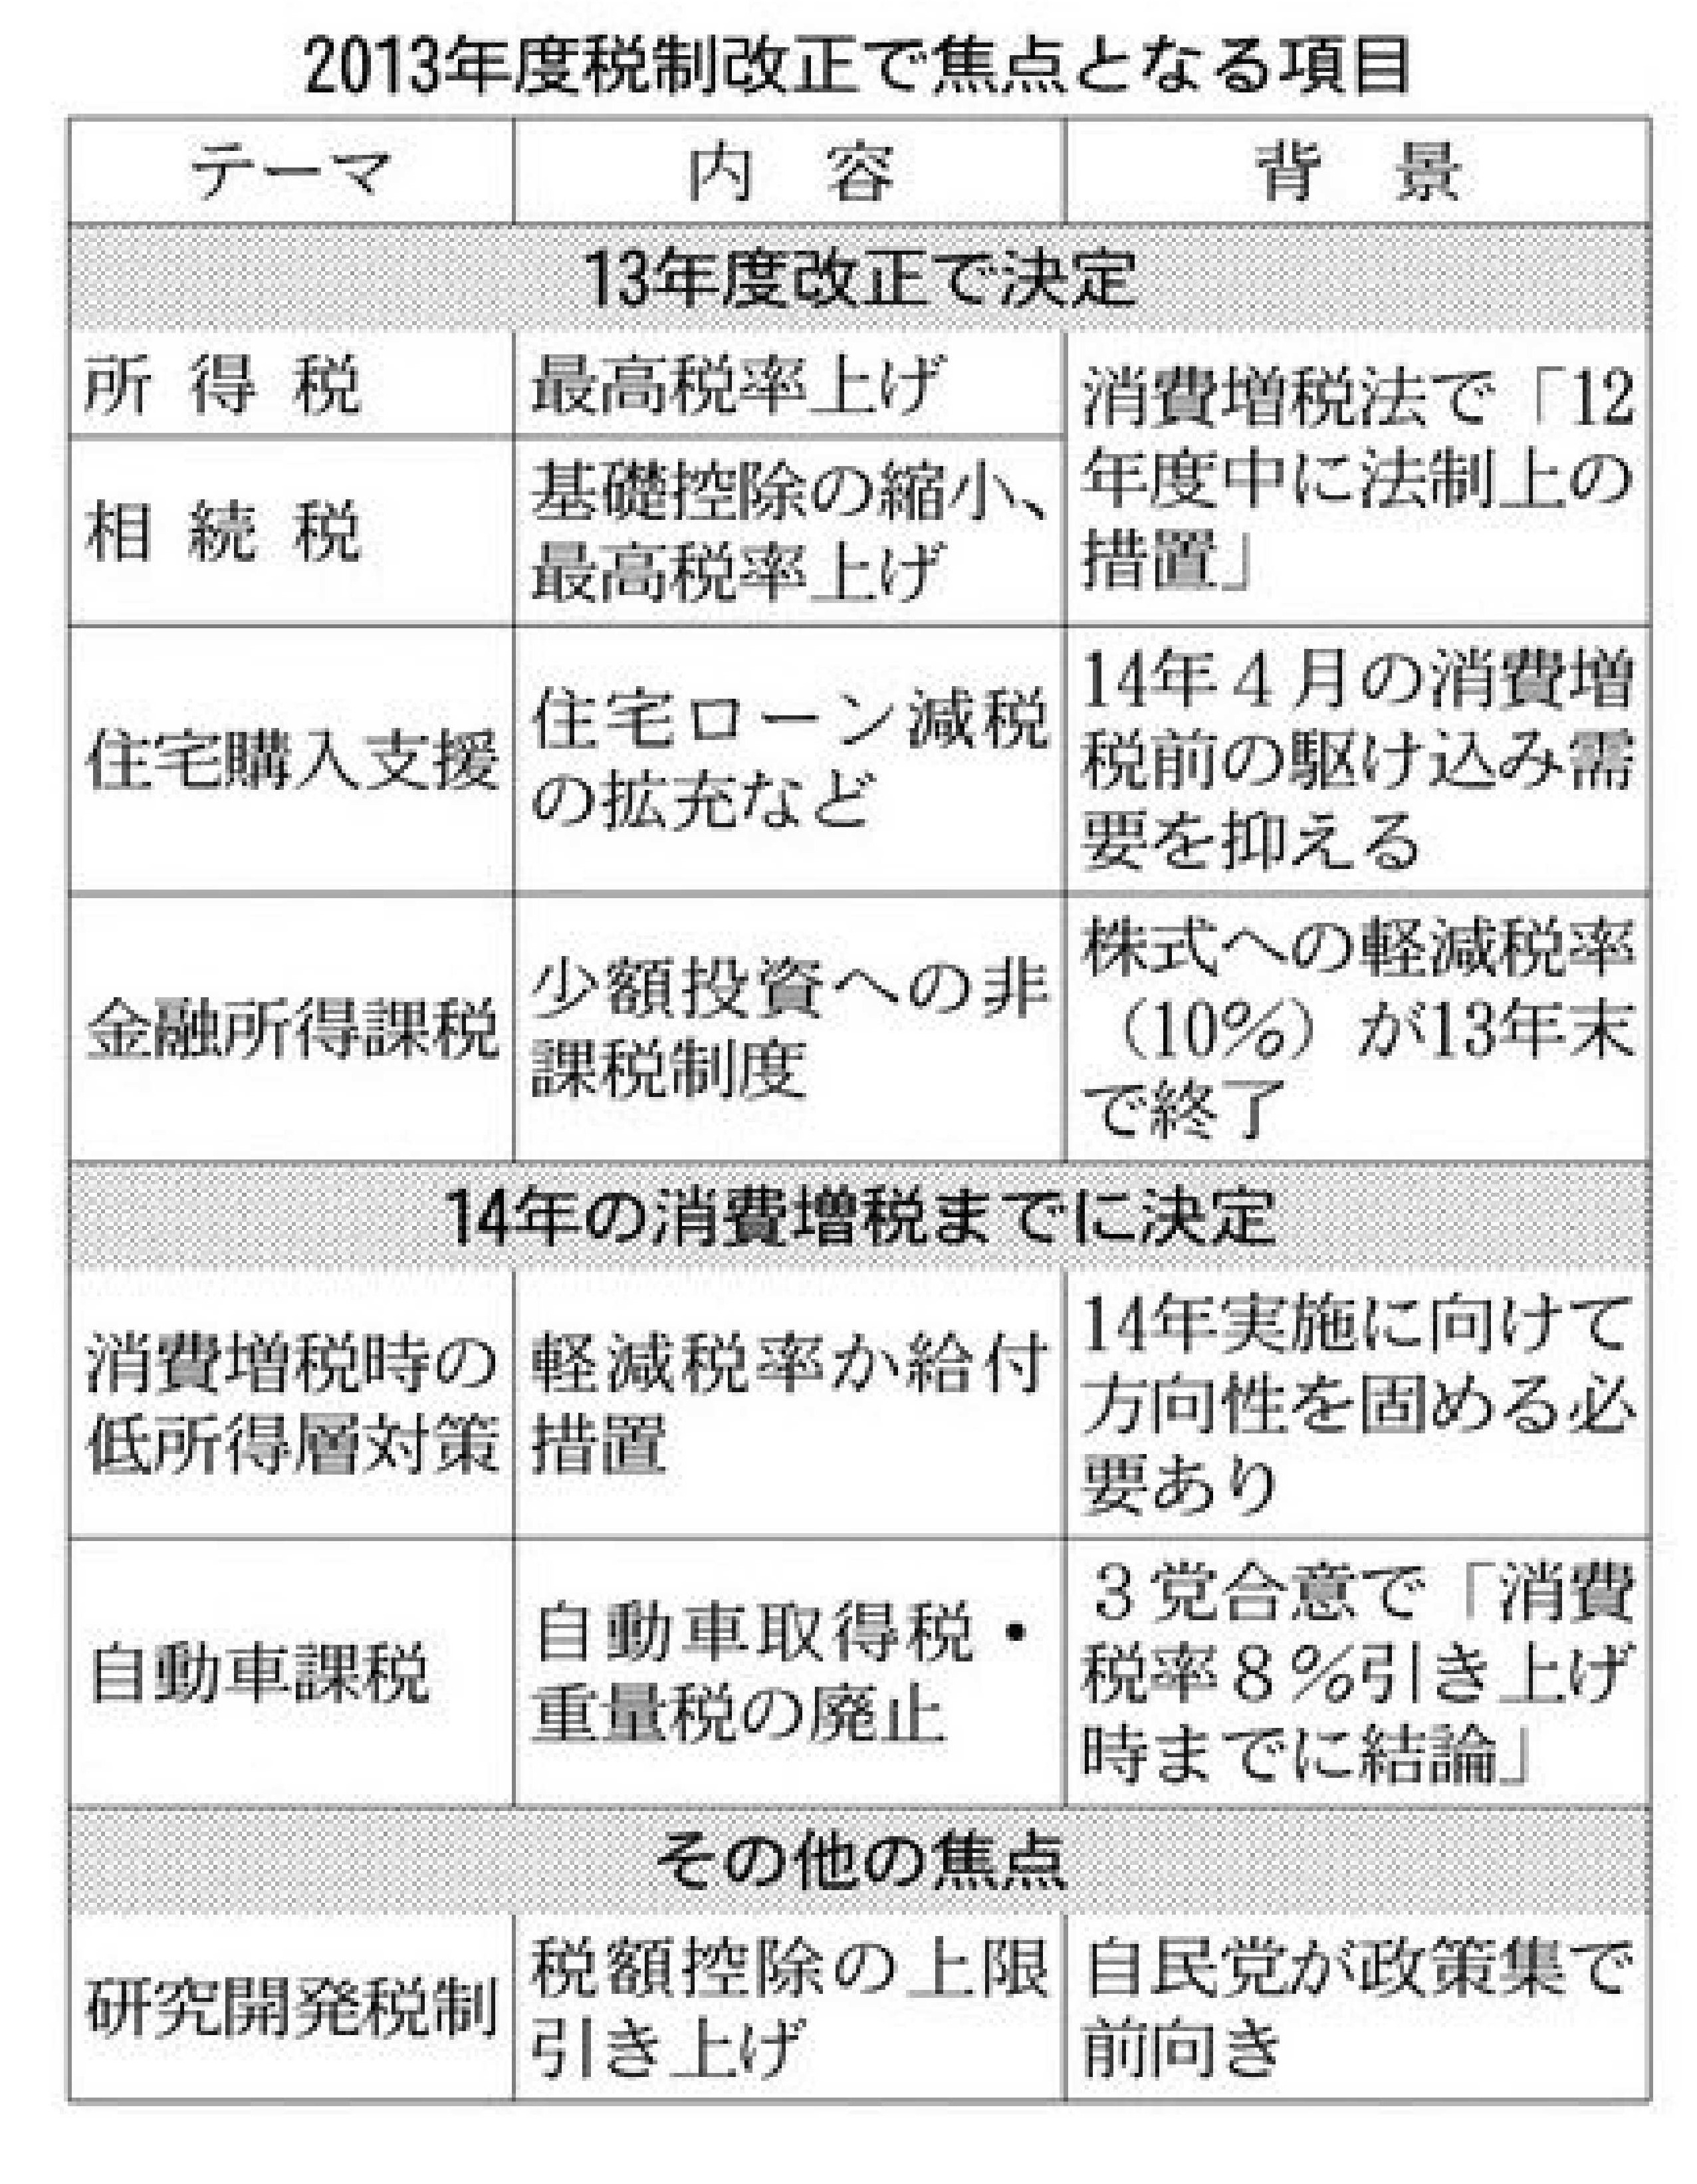 2013税制改正焦点crop